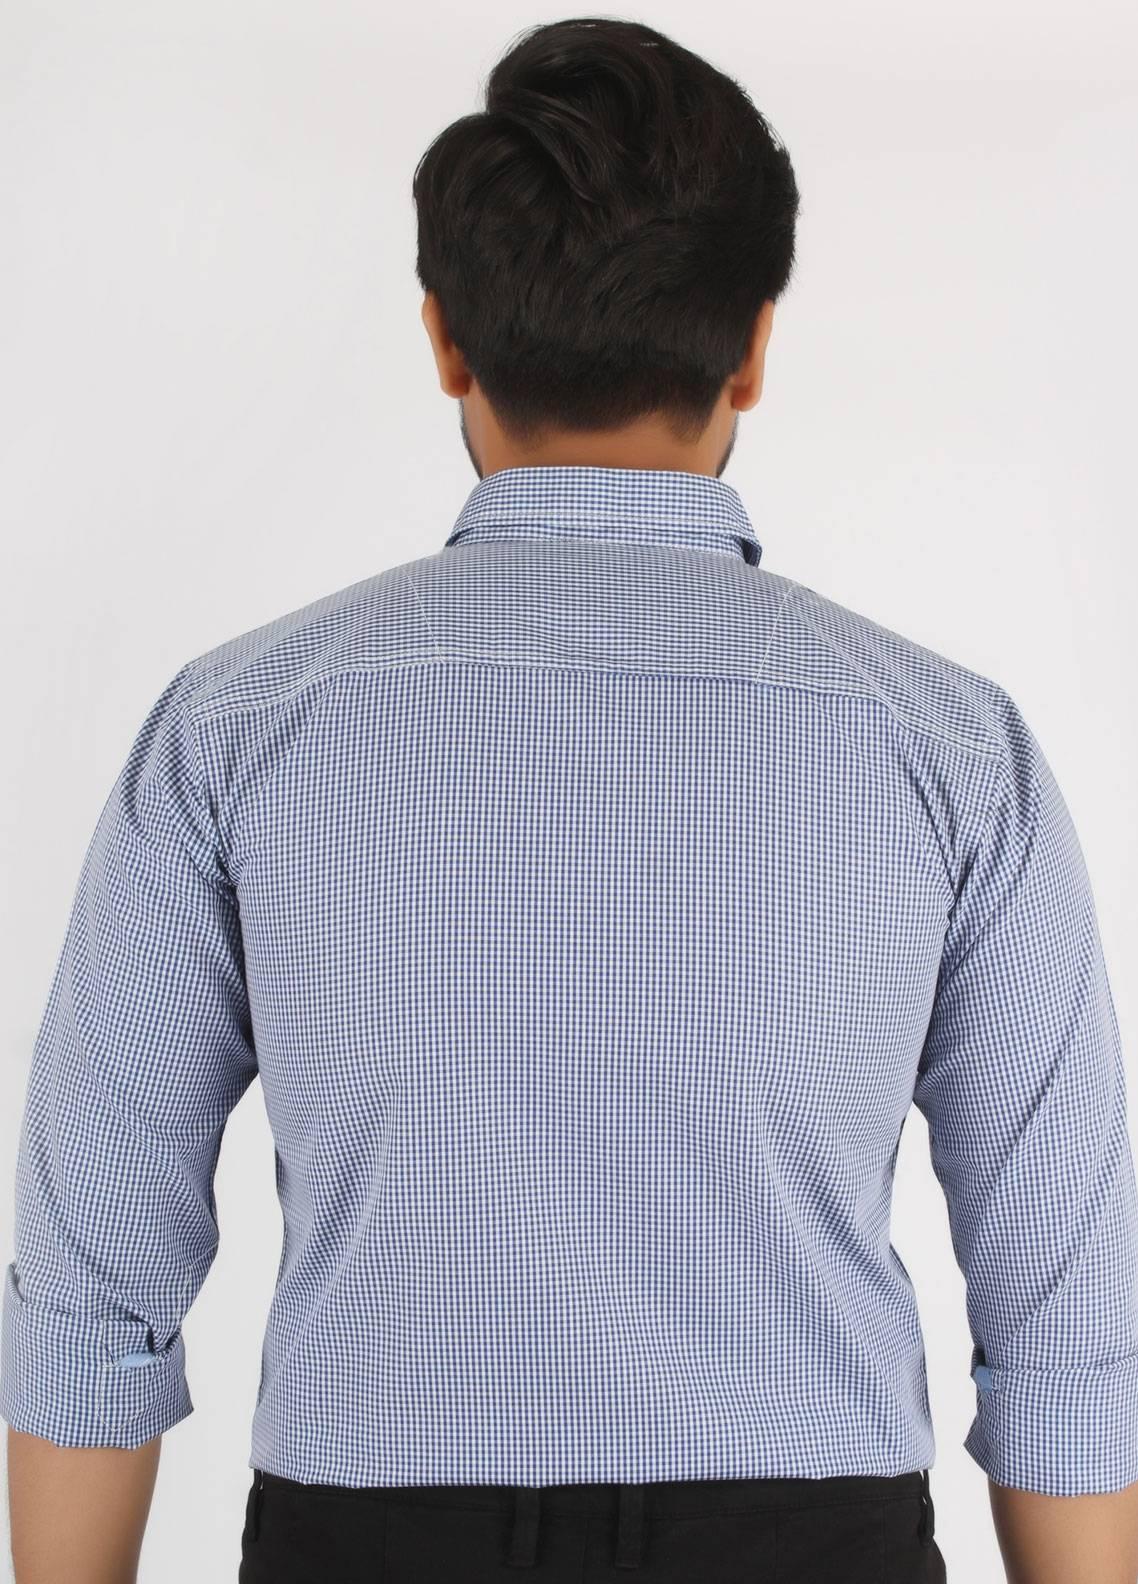 Bien Habille Cotton Casual Men Shirts - Blue Design 3